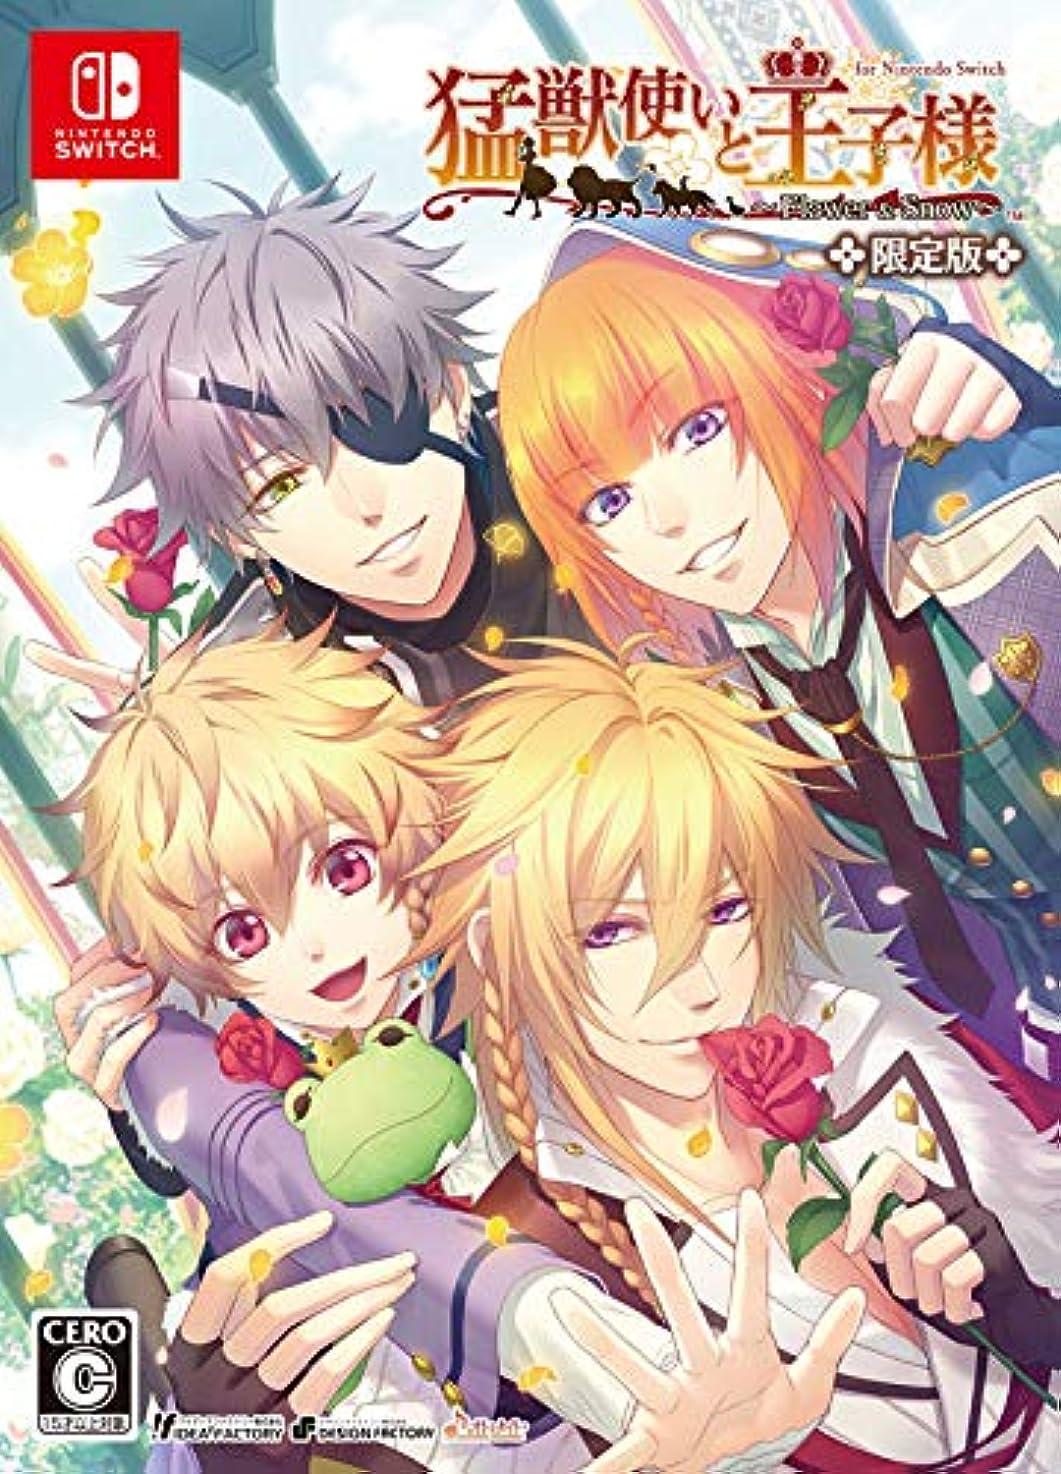 周辺試みこだわり猛獣使いと王子様 ~Flower & Snow~ for Nintendo Switch 限定版